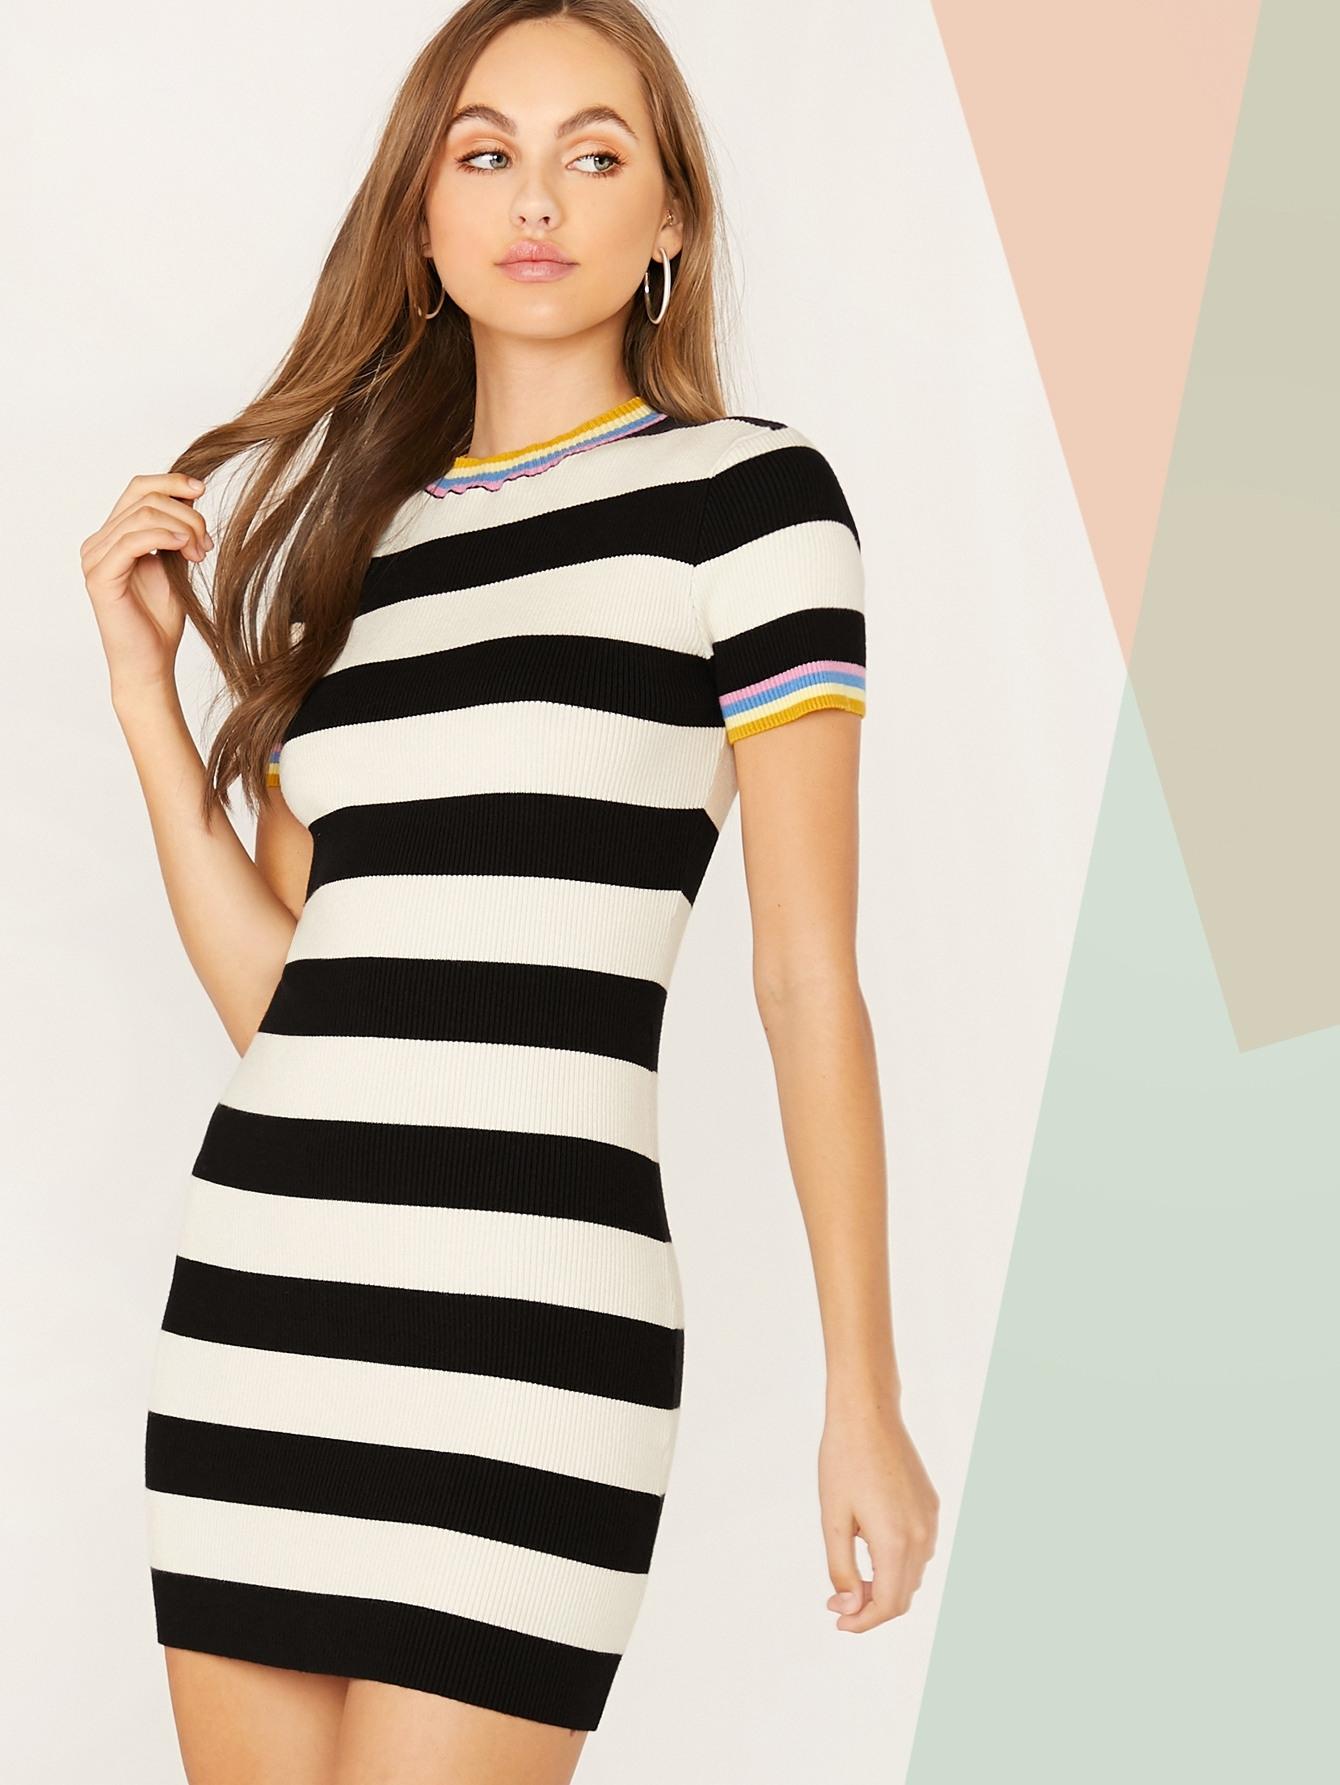 Pullover Kleid Mit Streifen  Shein